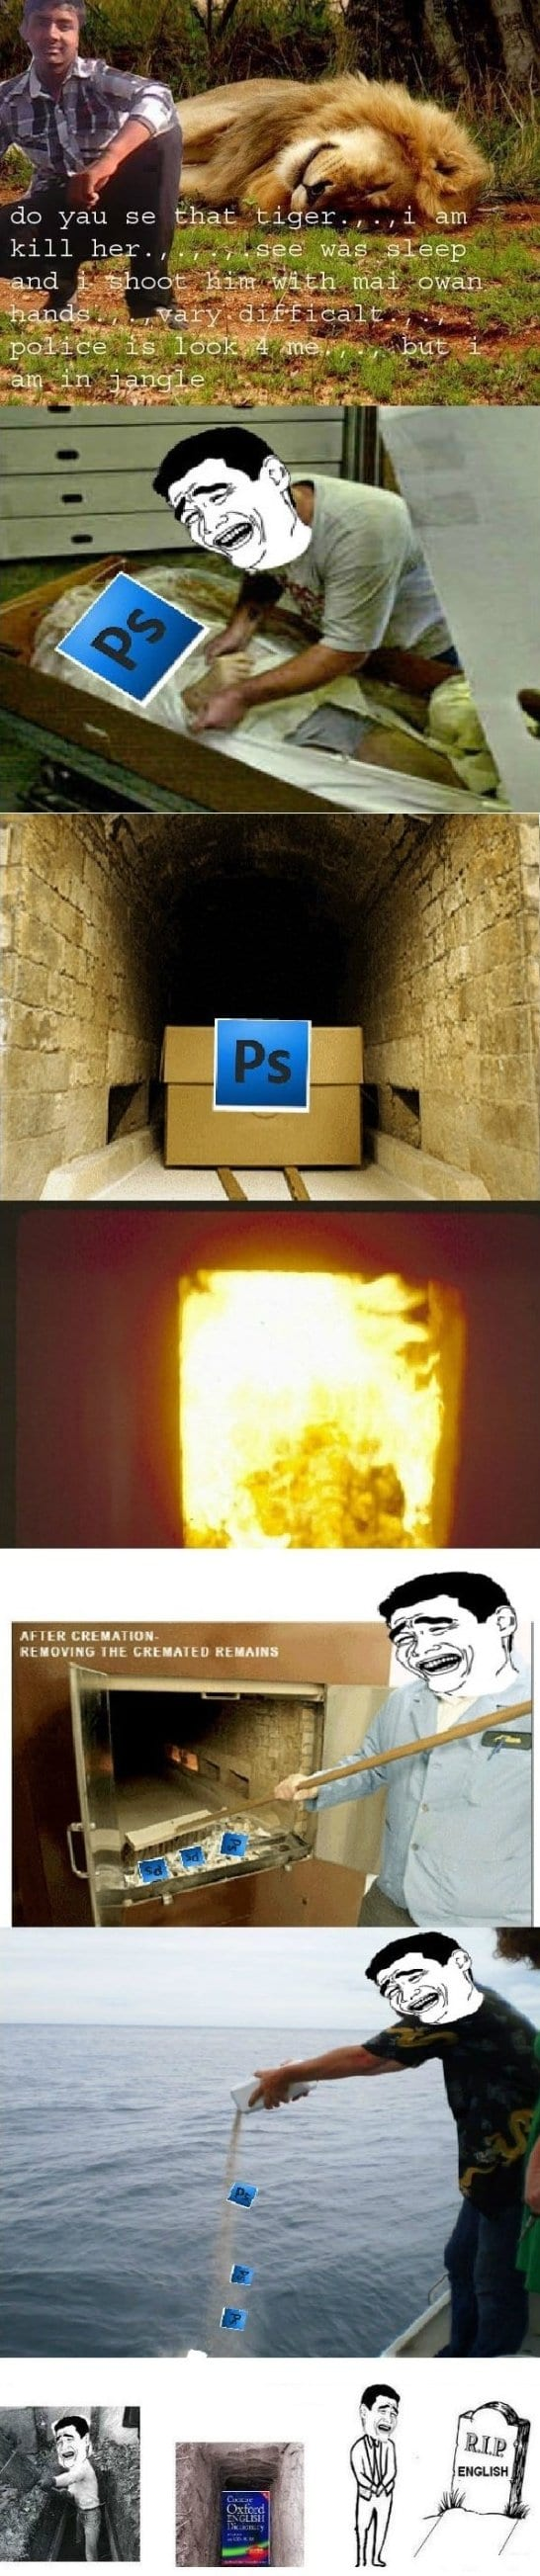 Rip photoshop and grammar viral viral videos altavistaventures Images